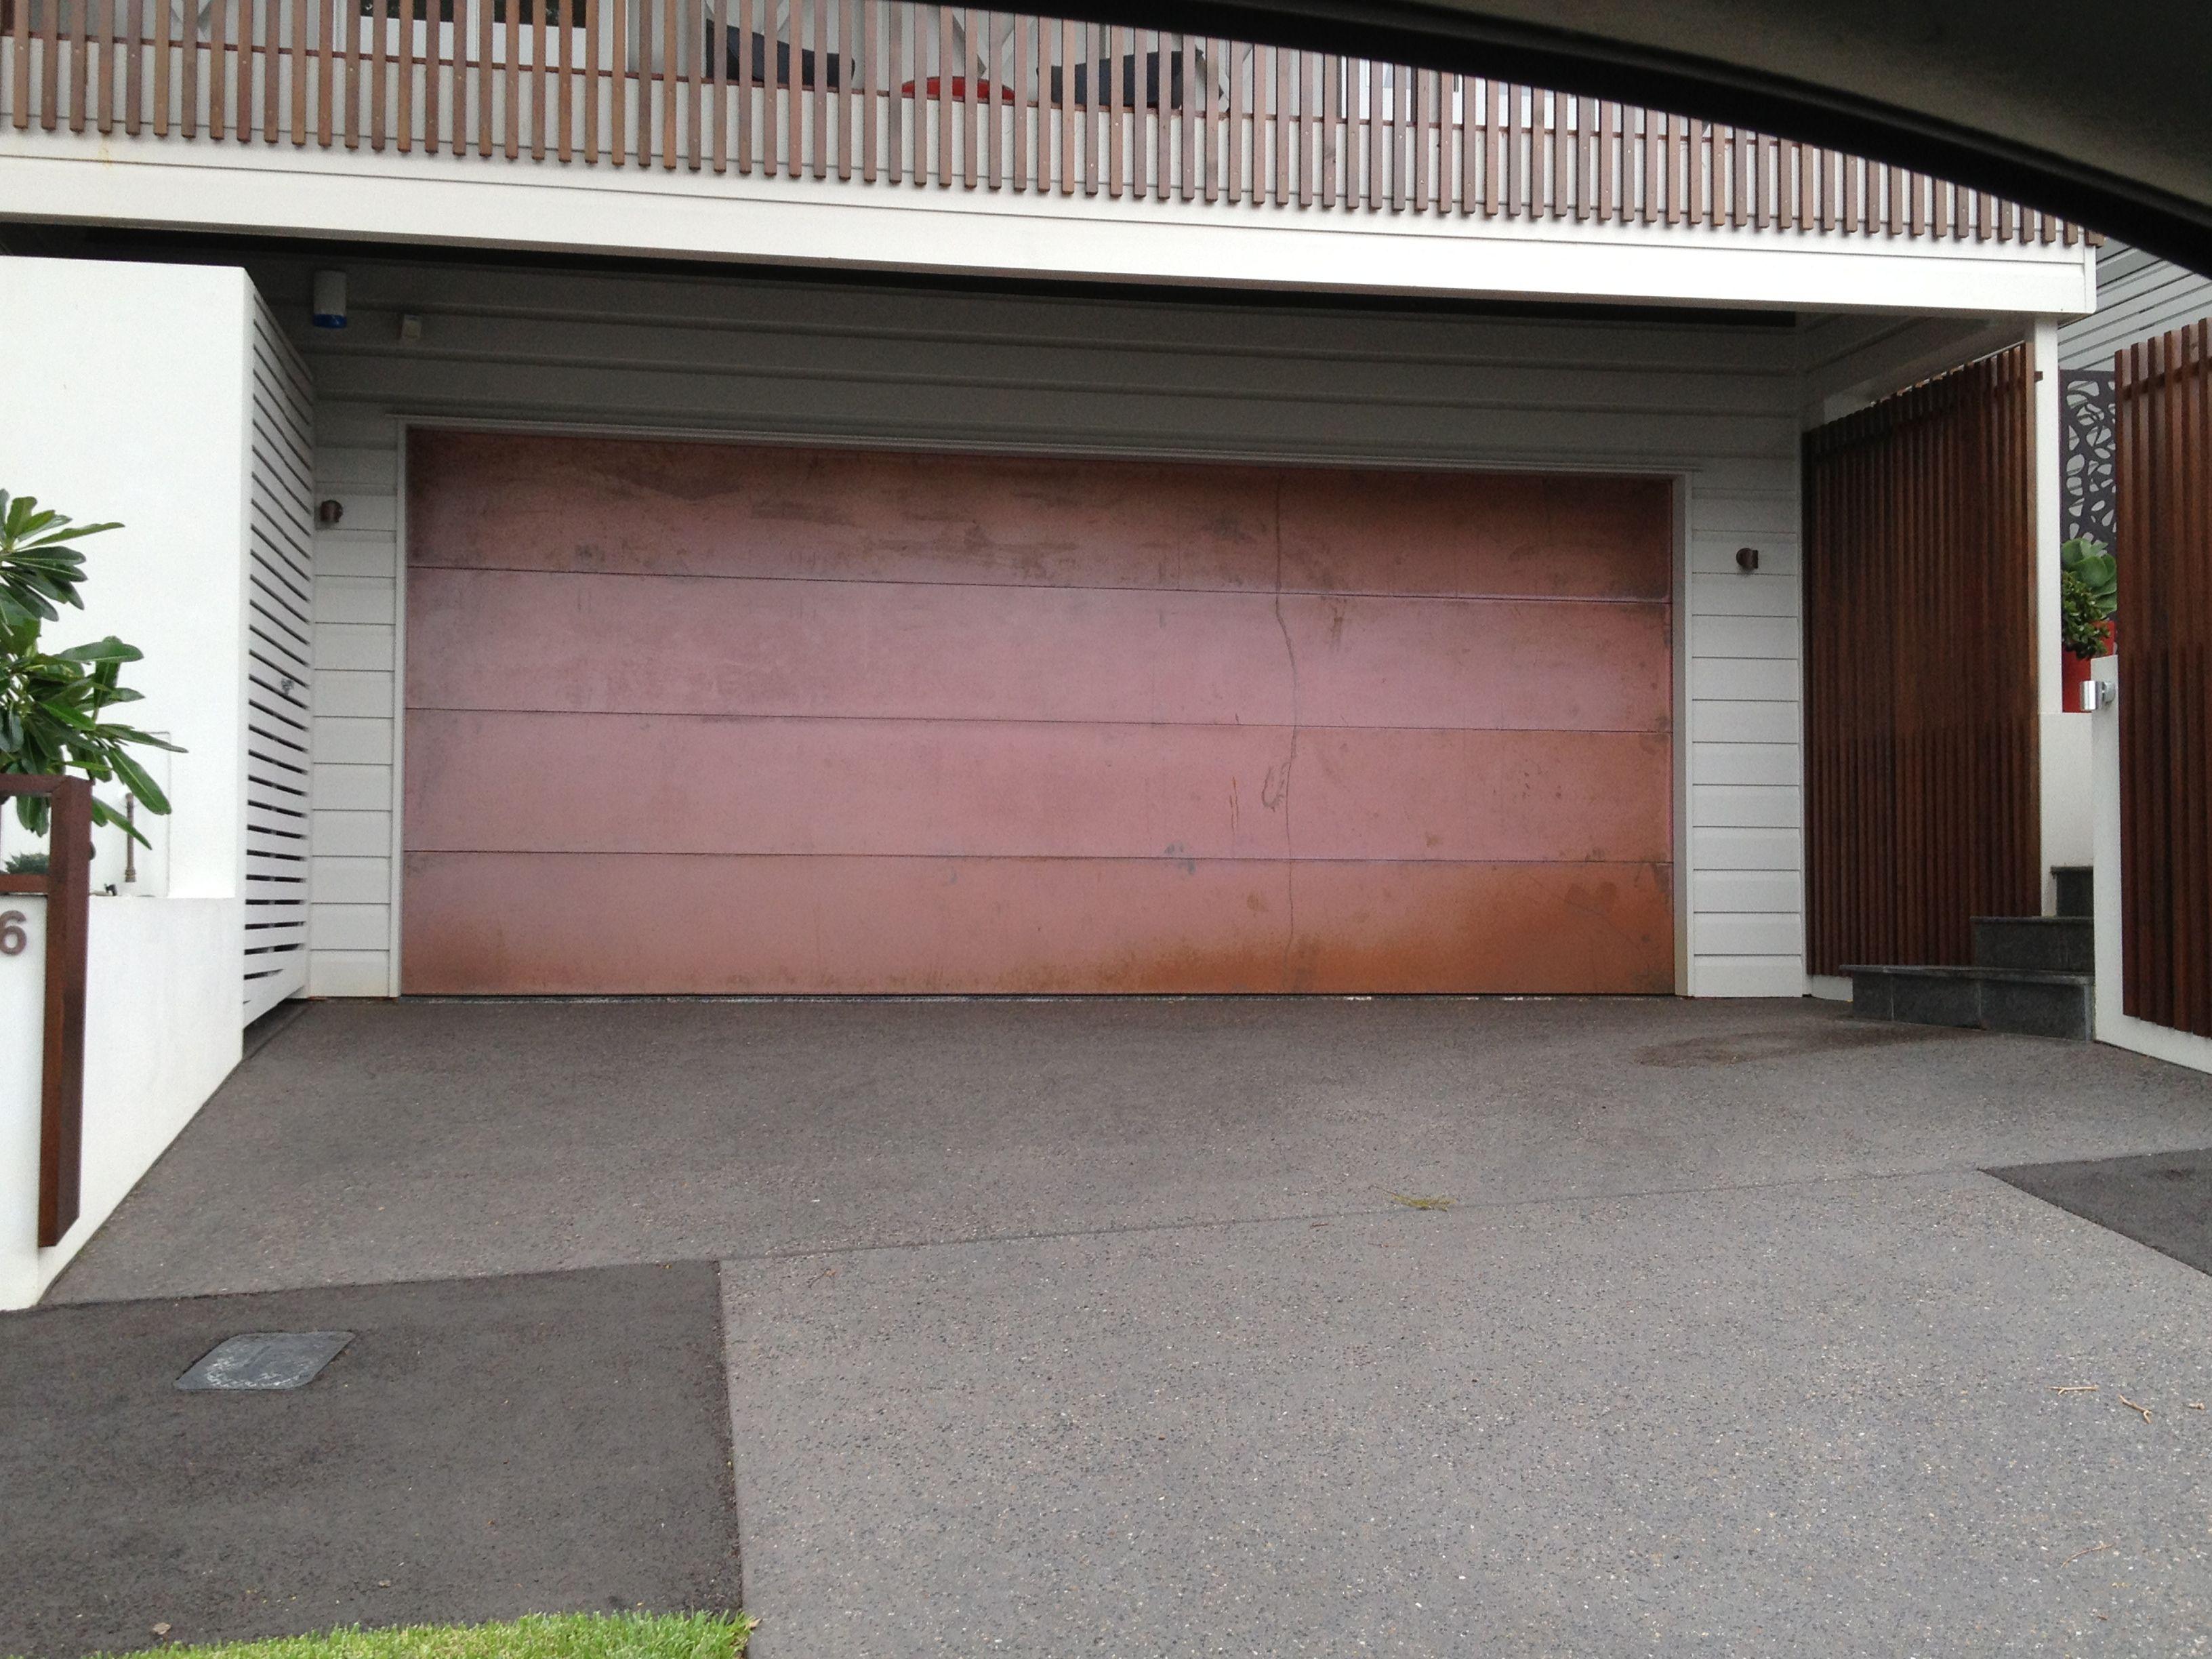 door brighton repair brooklyn emergency garage ny hr residential